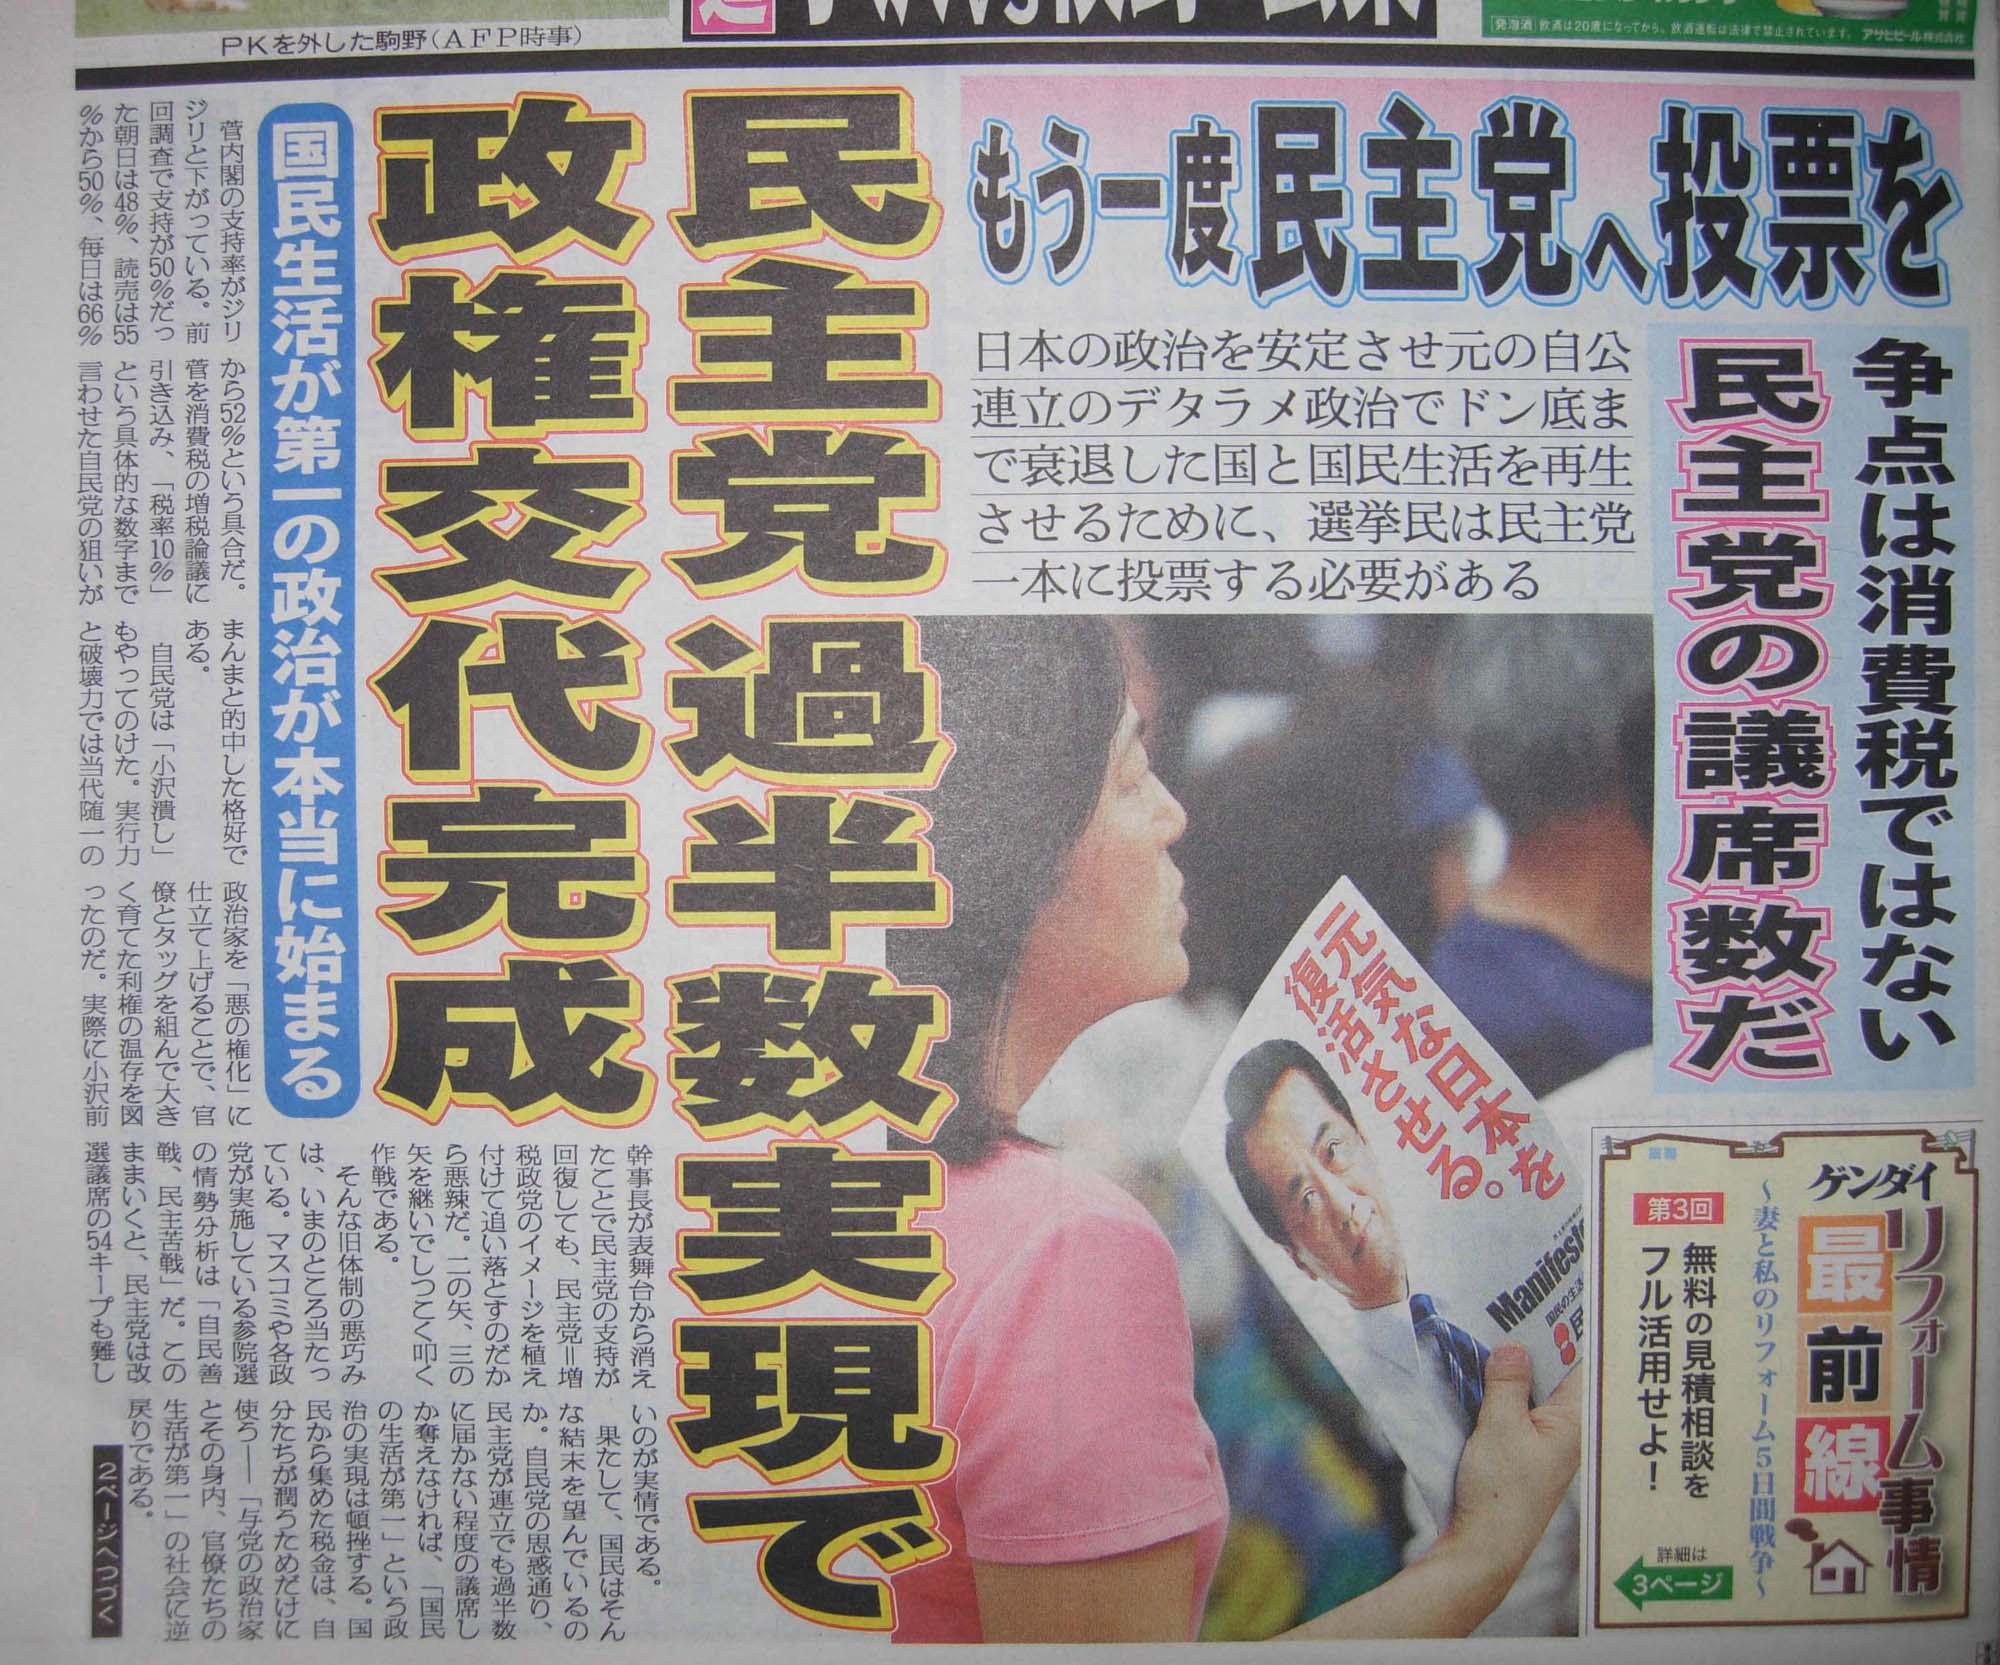 追い詰められた日刊ヒュンダイ、公職選挙法違反もかまわず_d0044584_23283778.jpg